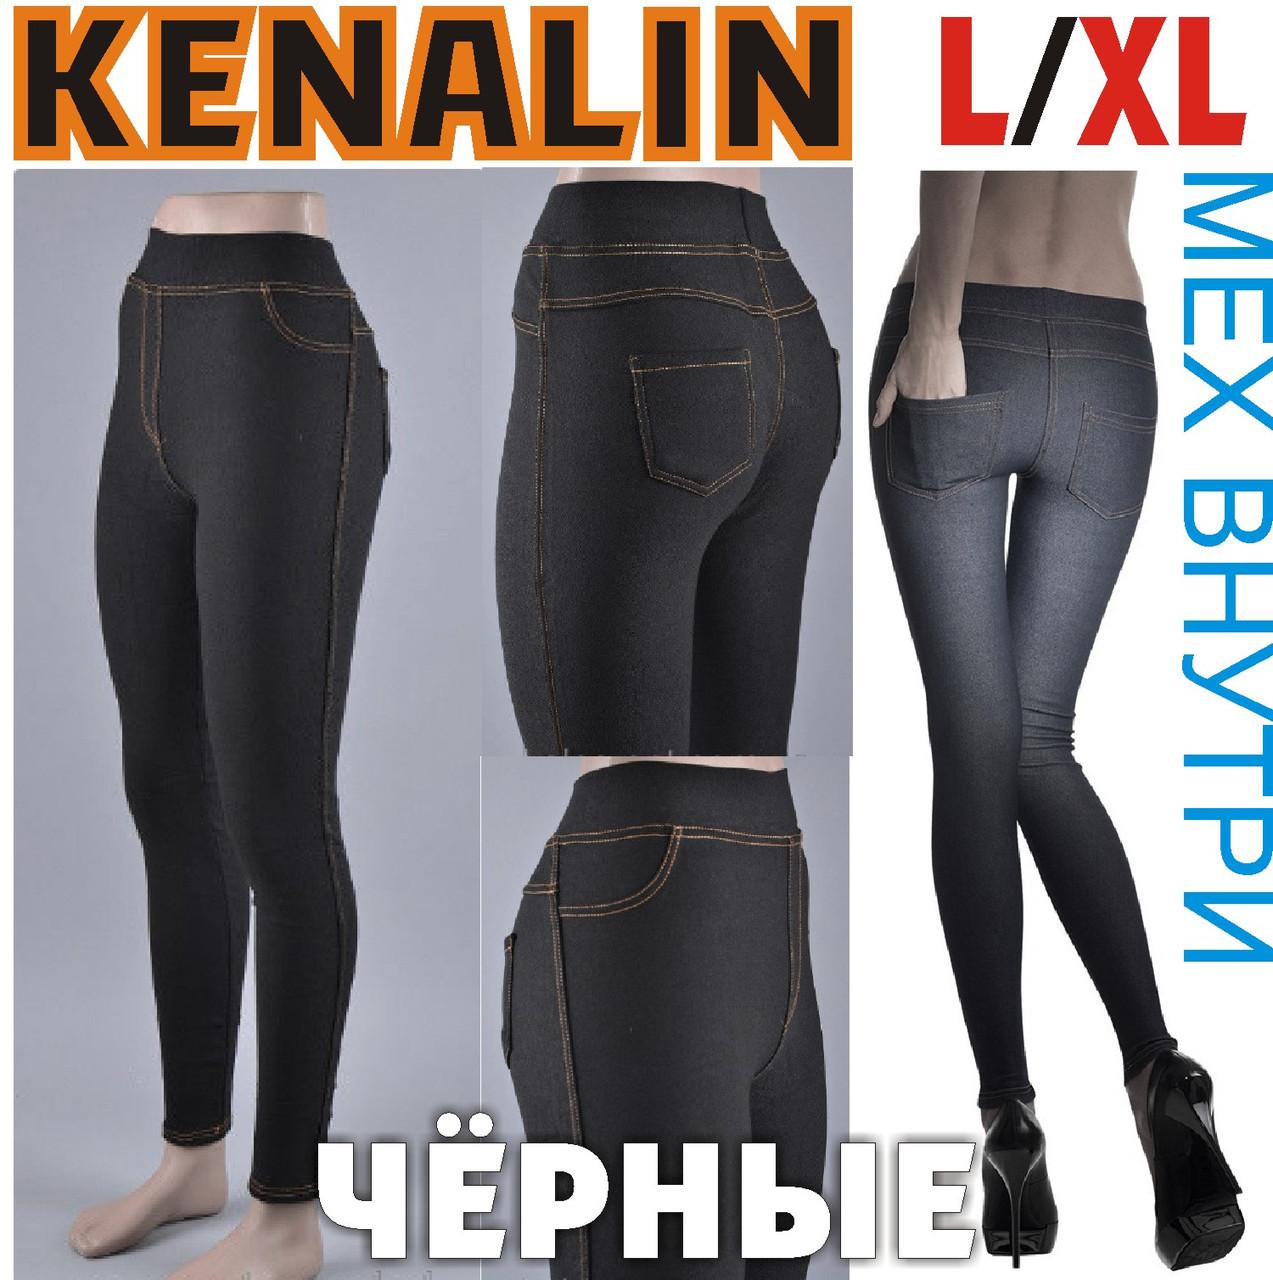 Лосины - леггинсы под джинсы внутри мех KENALIN 9401 чёрные 2 кармана сзади L/XL размер ЛЖЗ-12117